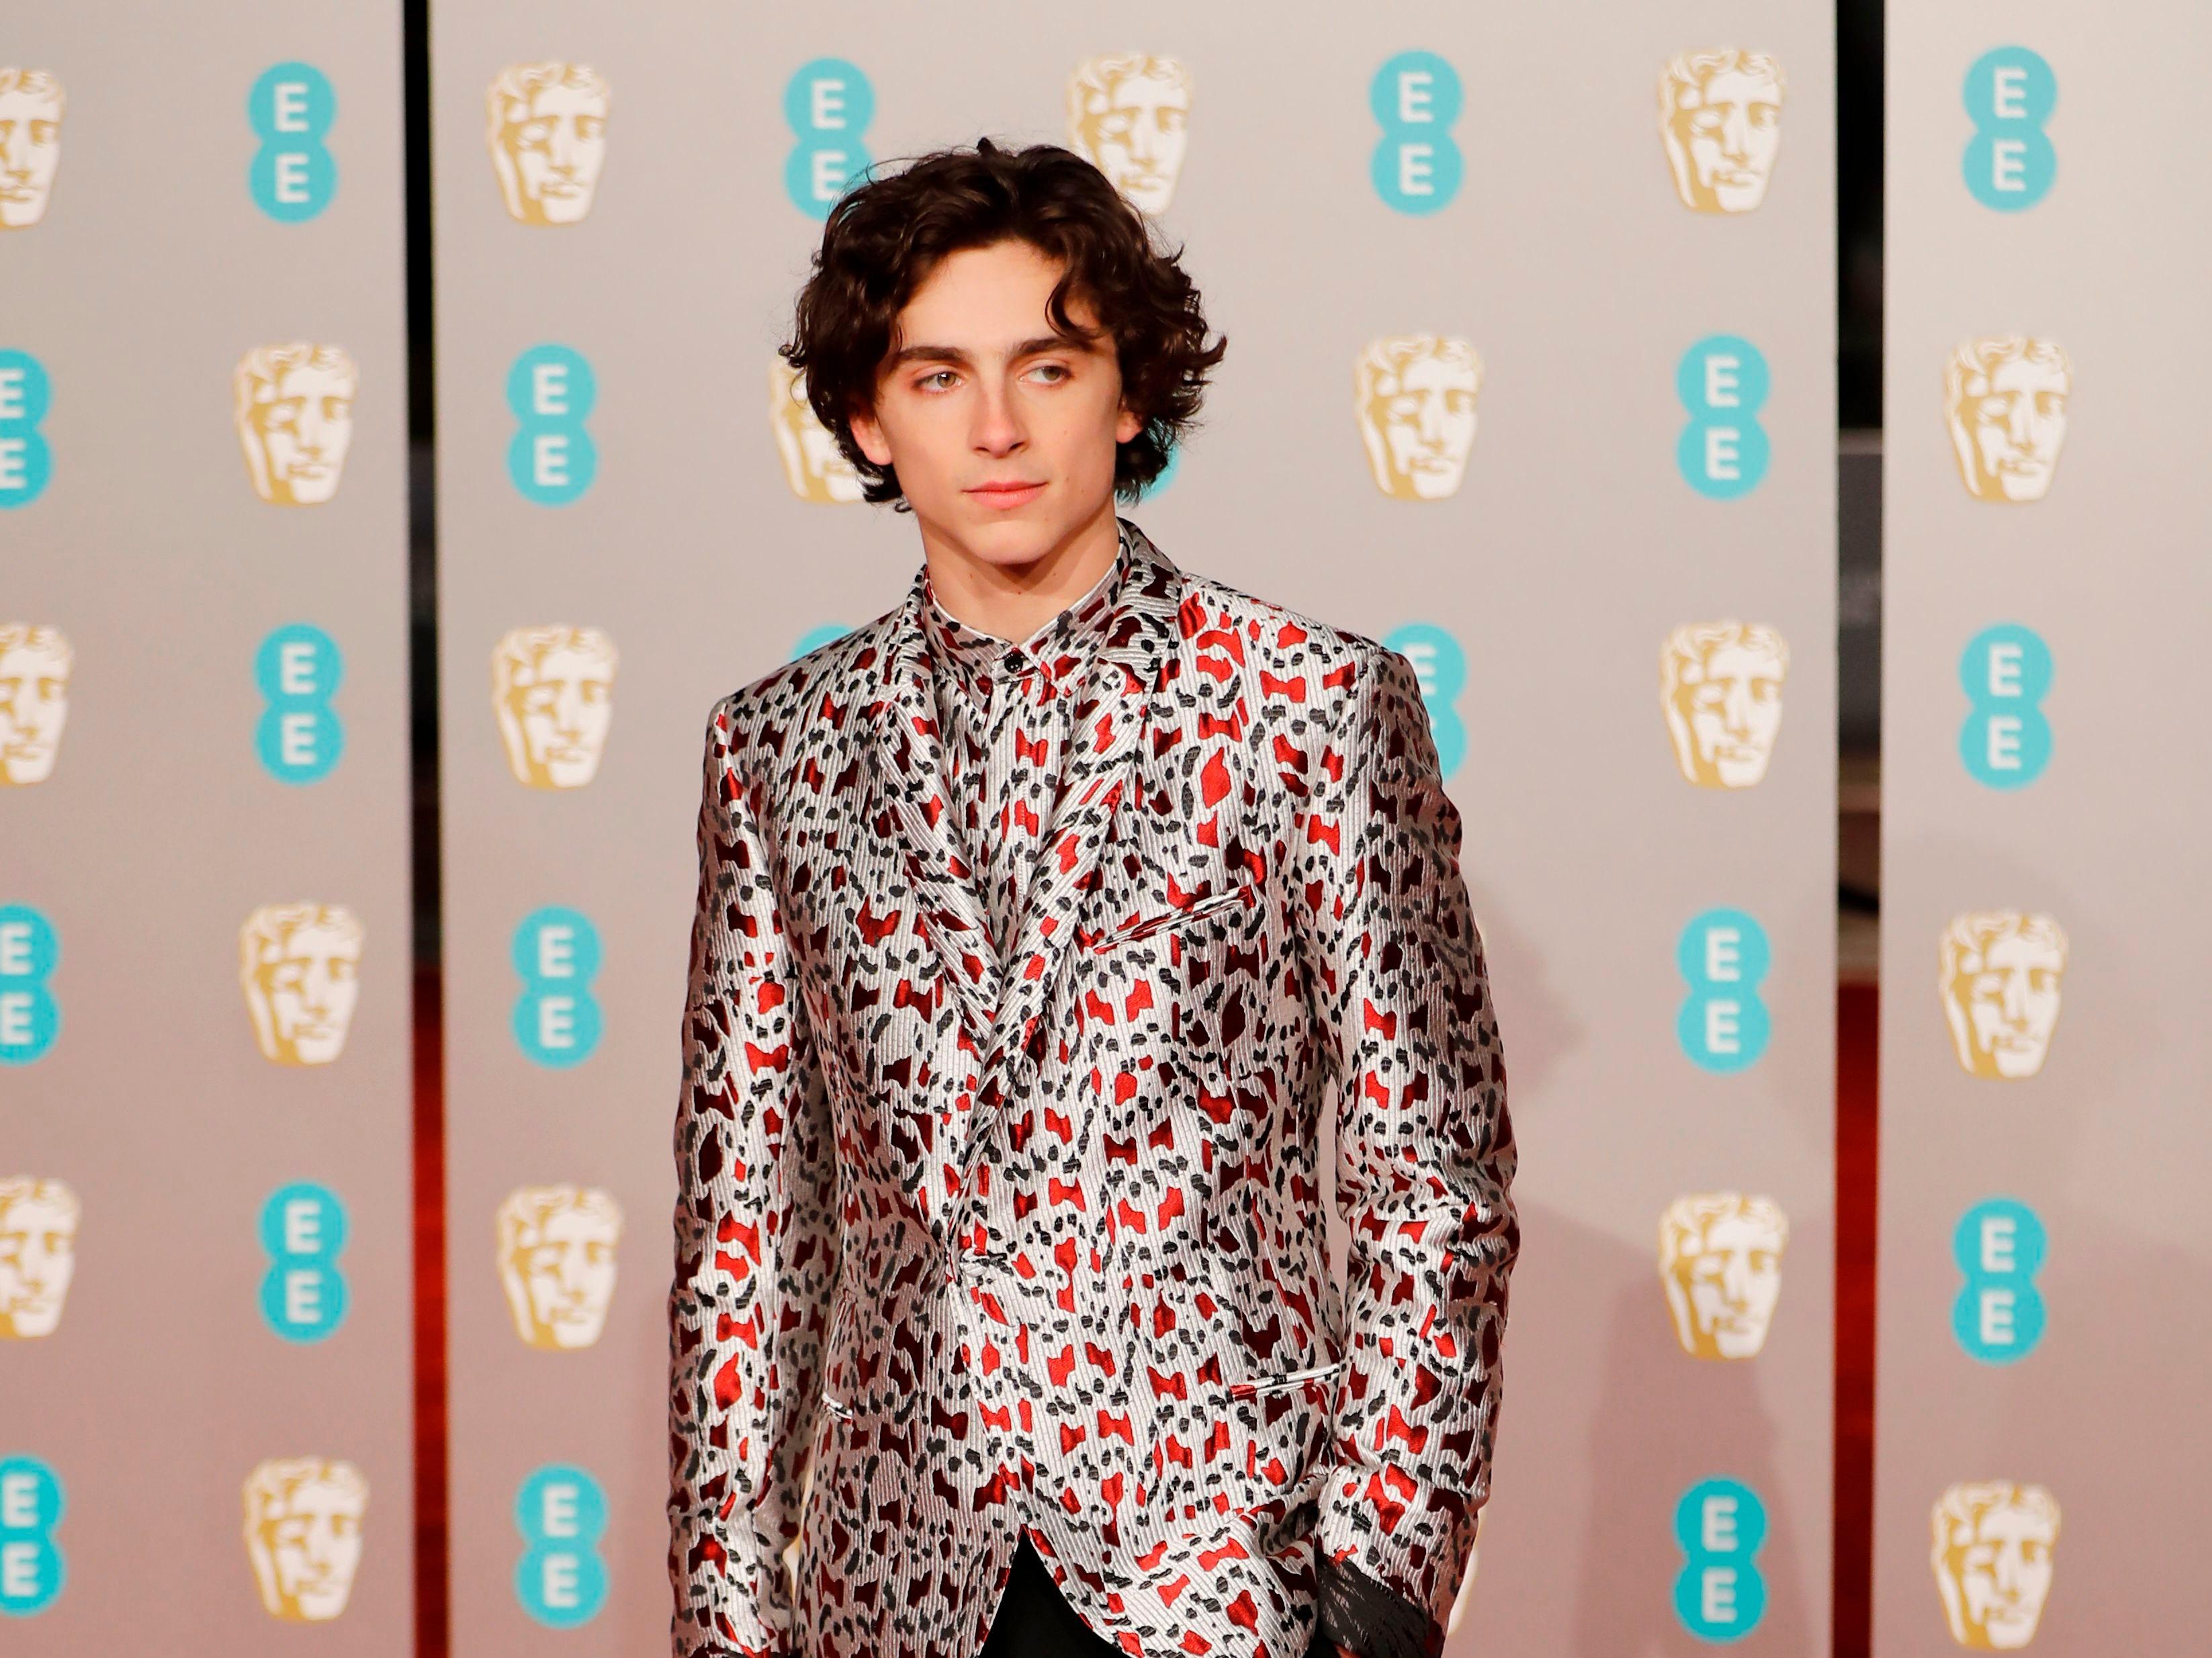 Timothee Chalamet a su llegada a la alfombra roja de los Premios de la Academia Británica de Cine BAFTA en el Royal Albert Hall en Londres el 10 de febrero de 2019.